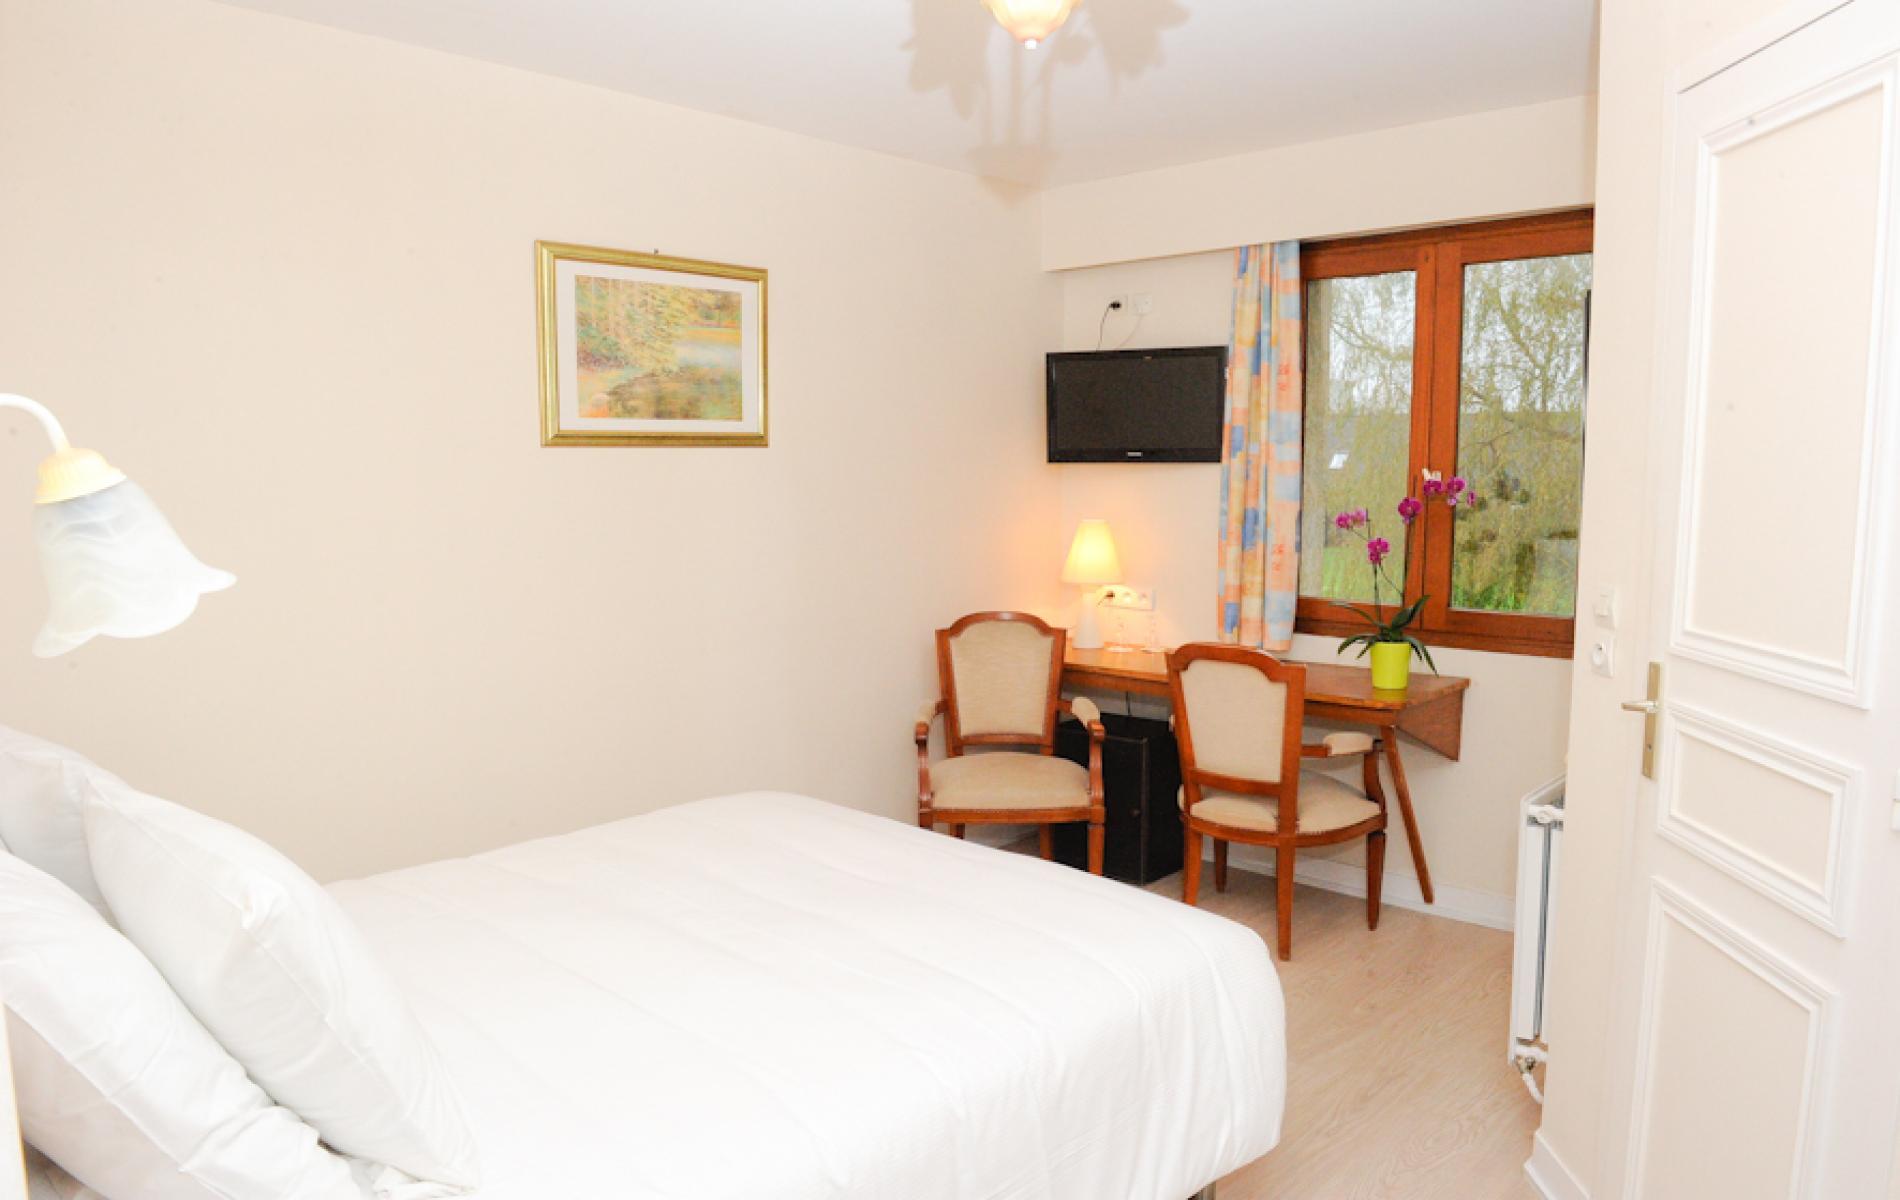 Chambre confort de l'hôtel Le Clos Saint Gatien